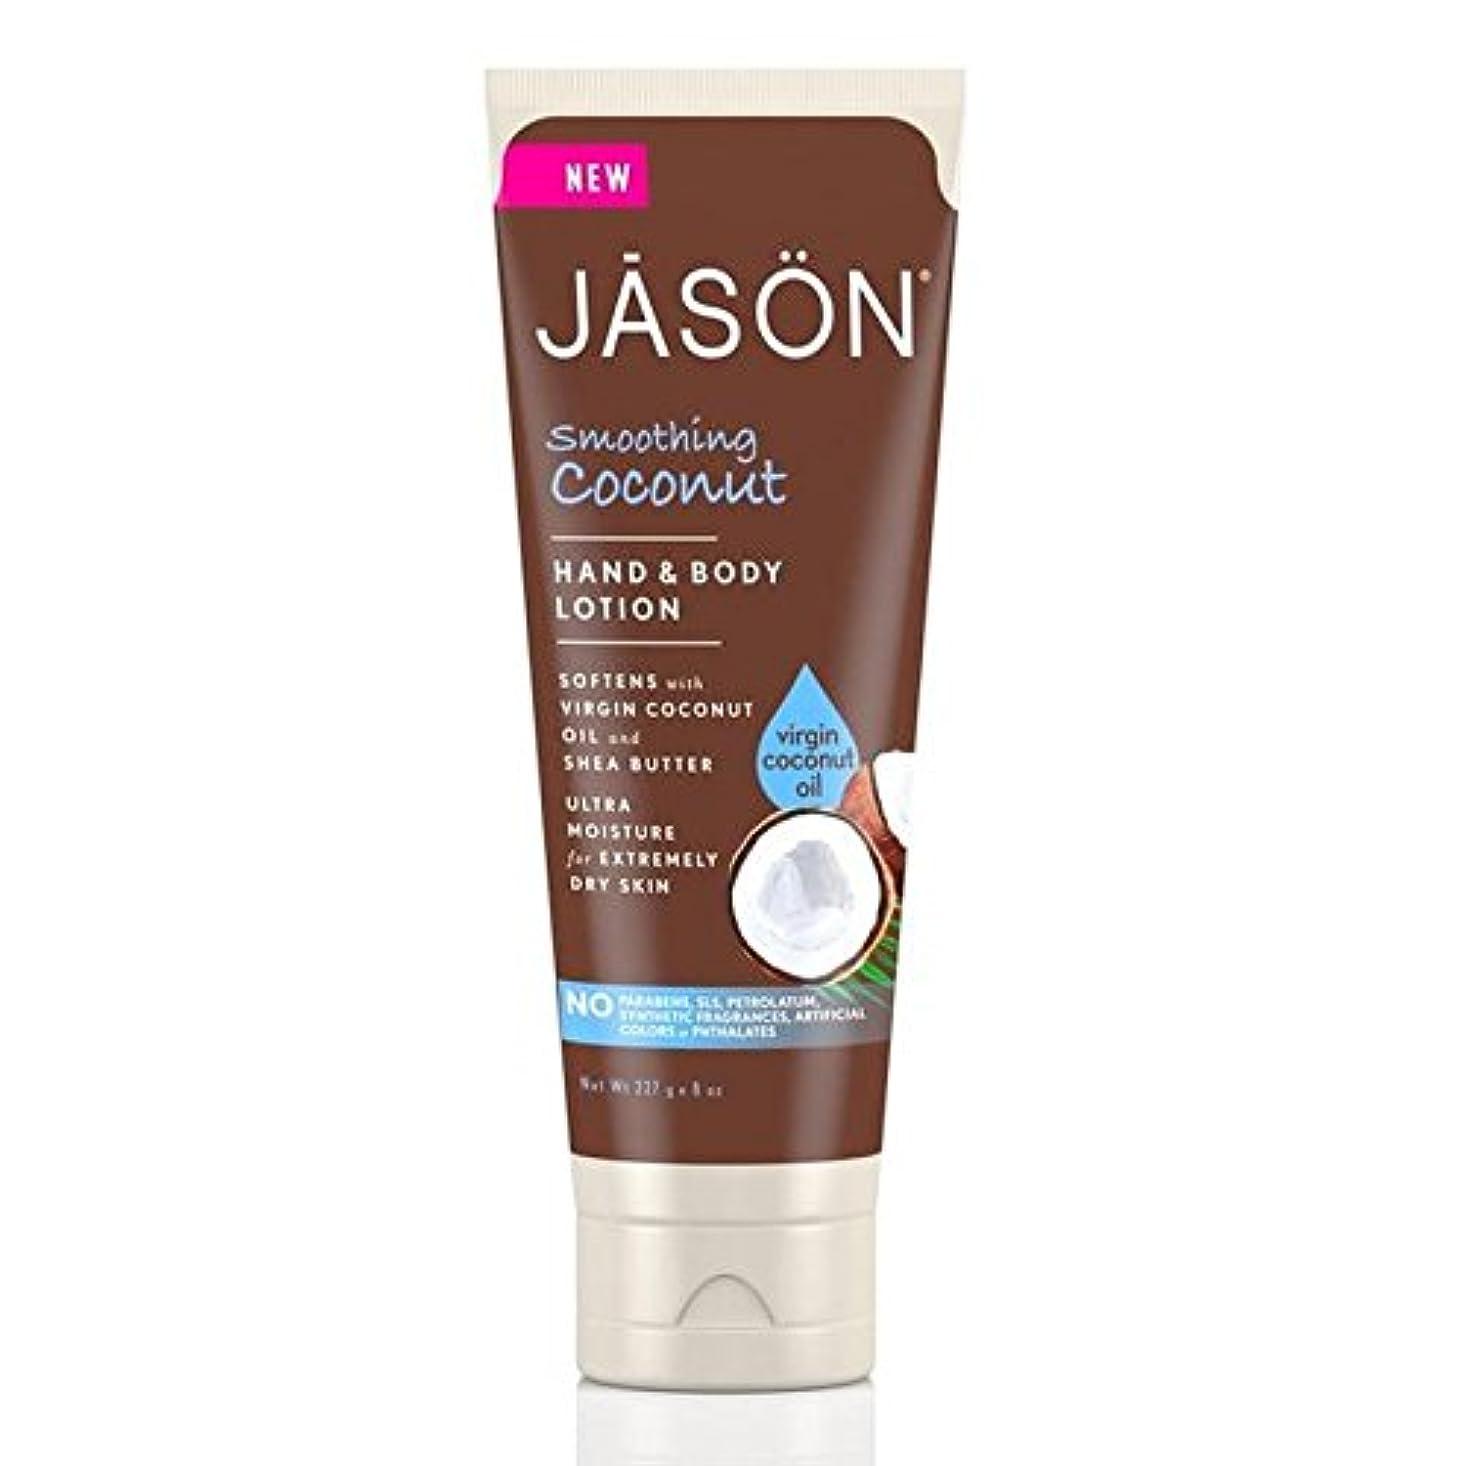 疎外するひそかにエレメンタルJason Coconut Hand & Body Lotion 227g (Pack of 6) - ジェイソン?ココナッツハンド&ボディローション227グラム x6 [並行輸入品]